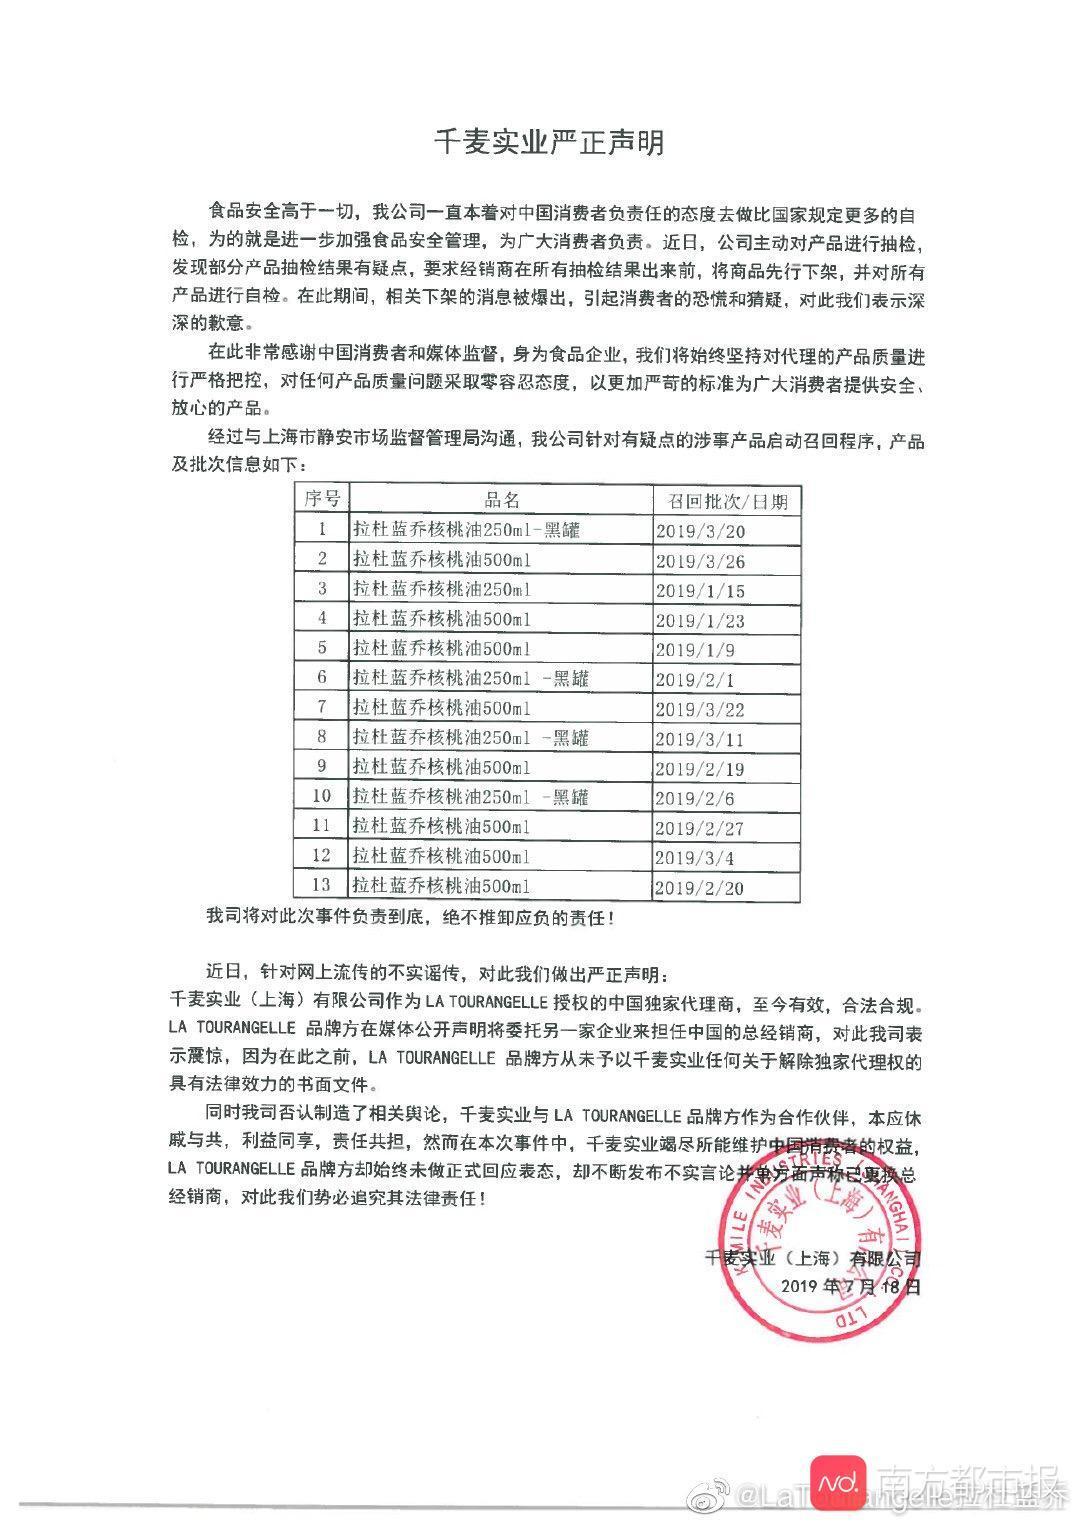 【自曝含塑化剂的杜拉蓝乔代理商启动召回程序 召回名单如下:】 杜拉蓝乔